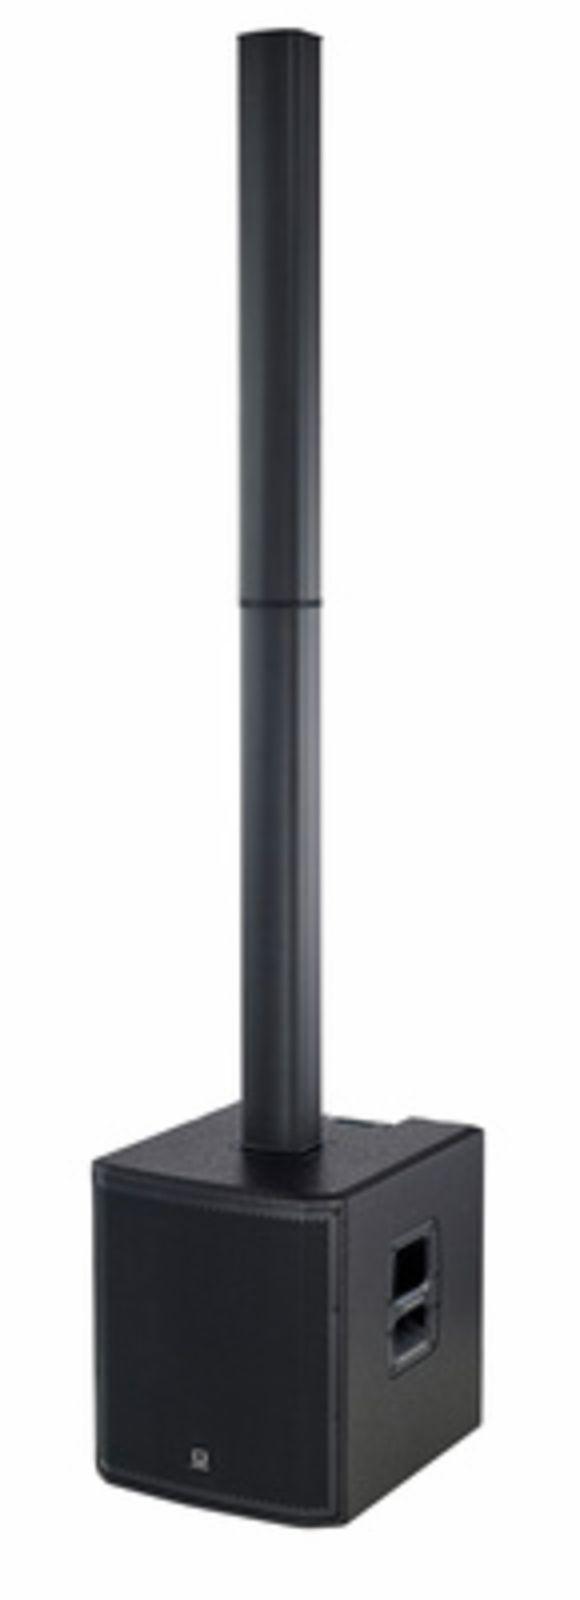 iP2000 V2 Turbosound